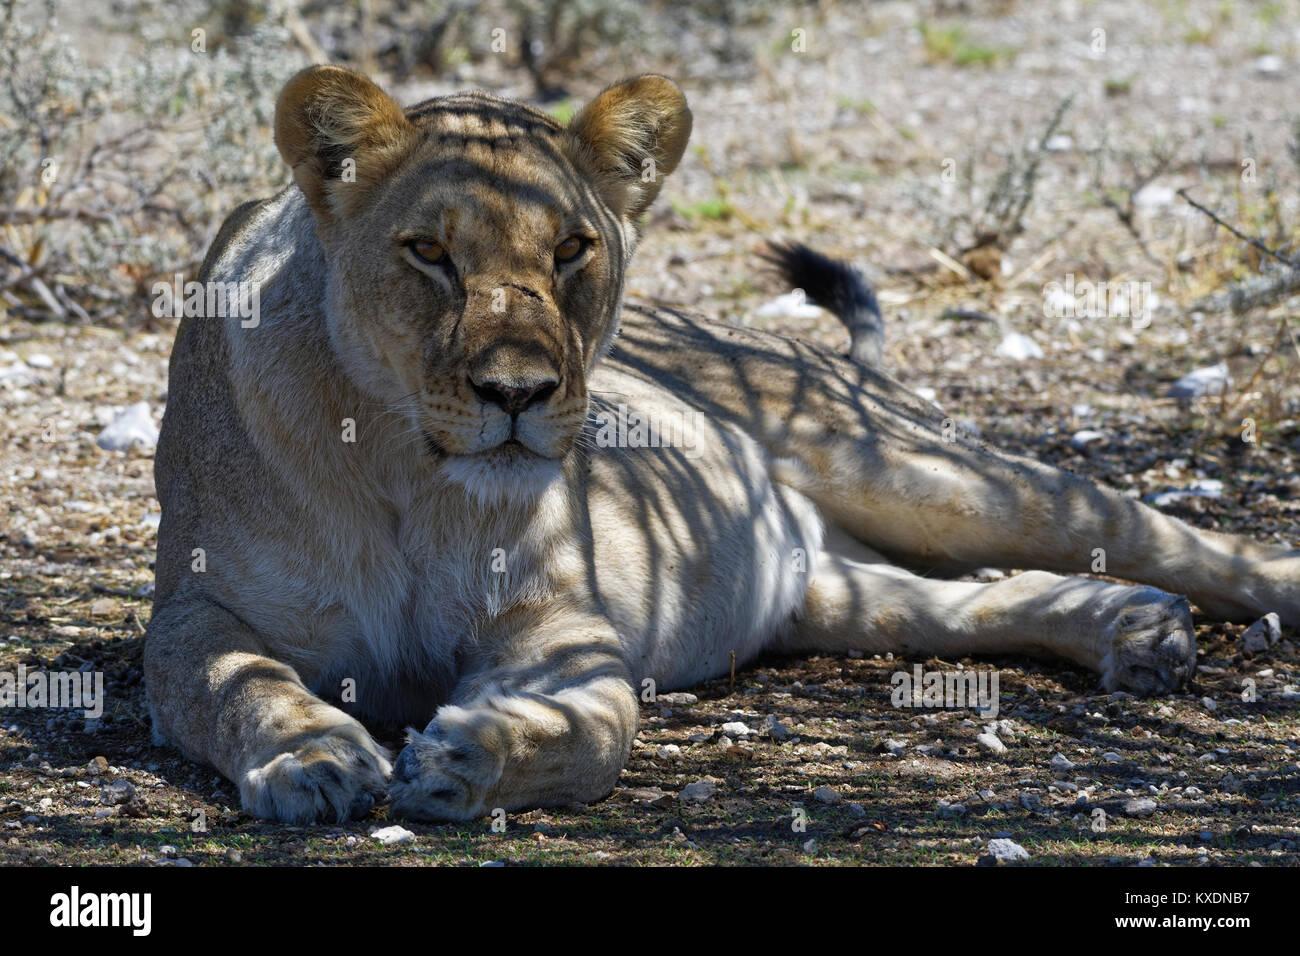 Leone africano (Panthera leo), leonessa giacente all'ombra di un albero con testa in alto, avviso, il Parco Immagini Stock